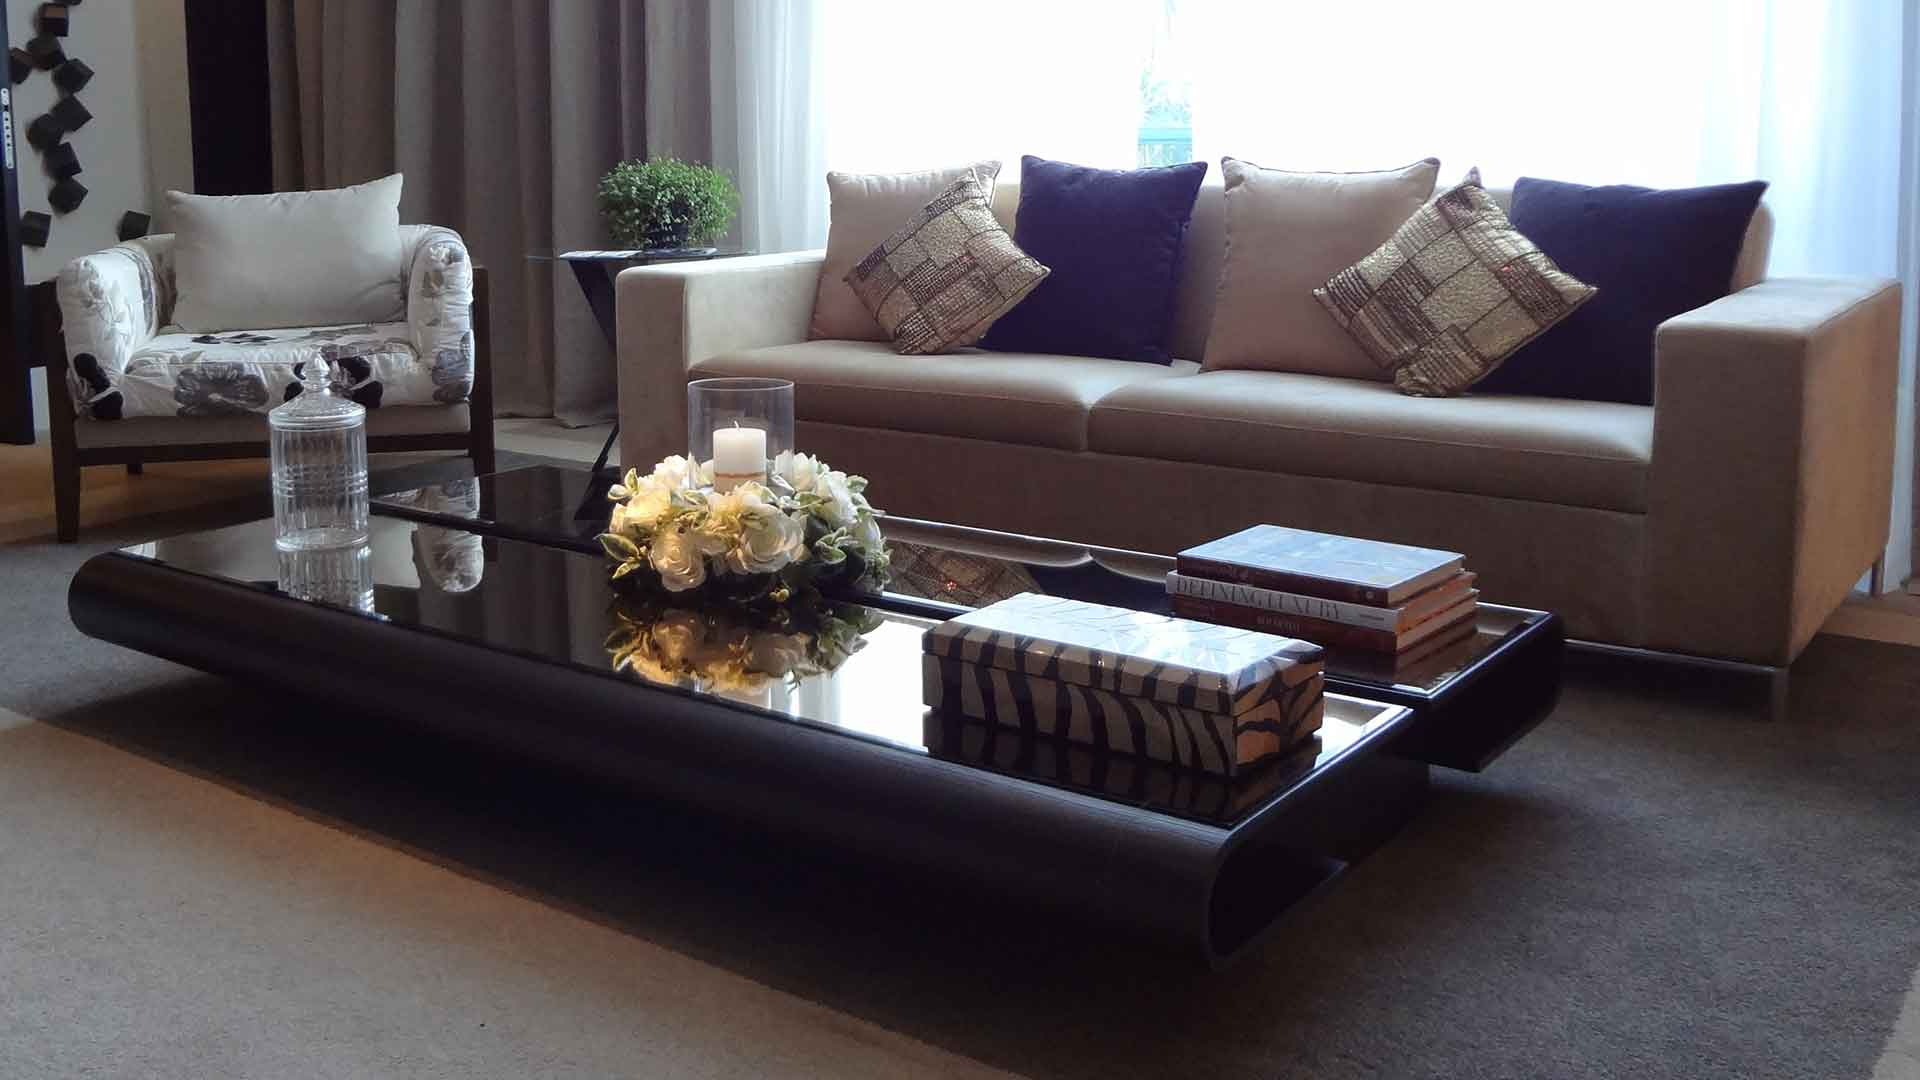 Sofa Ratgeber Wenn Du Dir Eine Neue Couch Anschaffen Willst